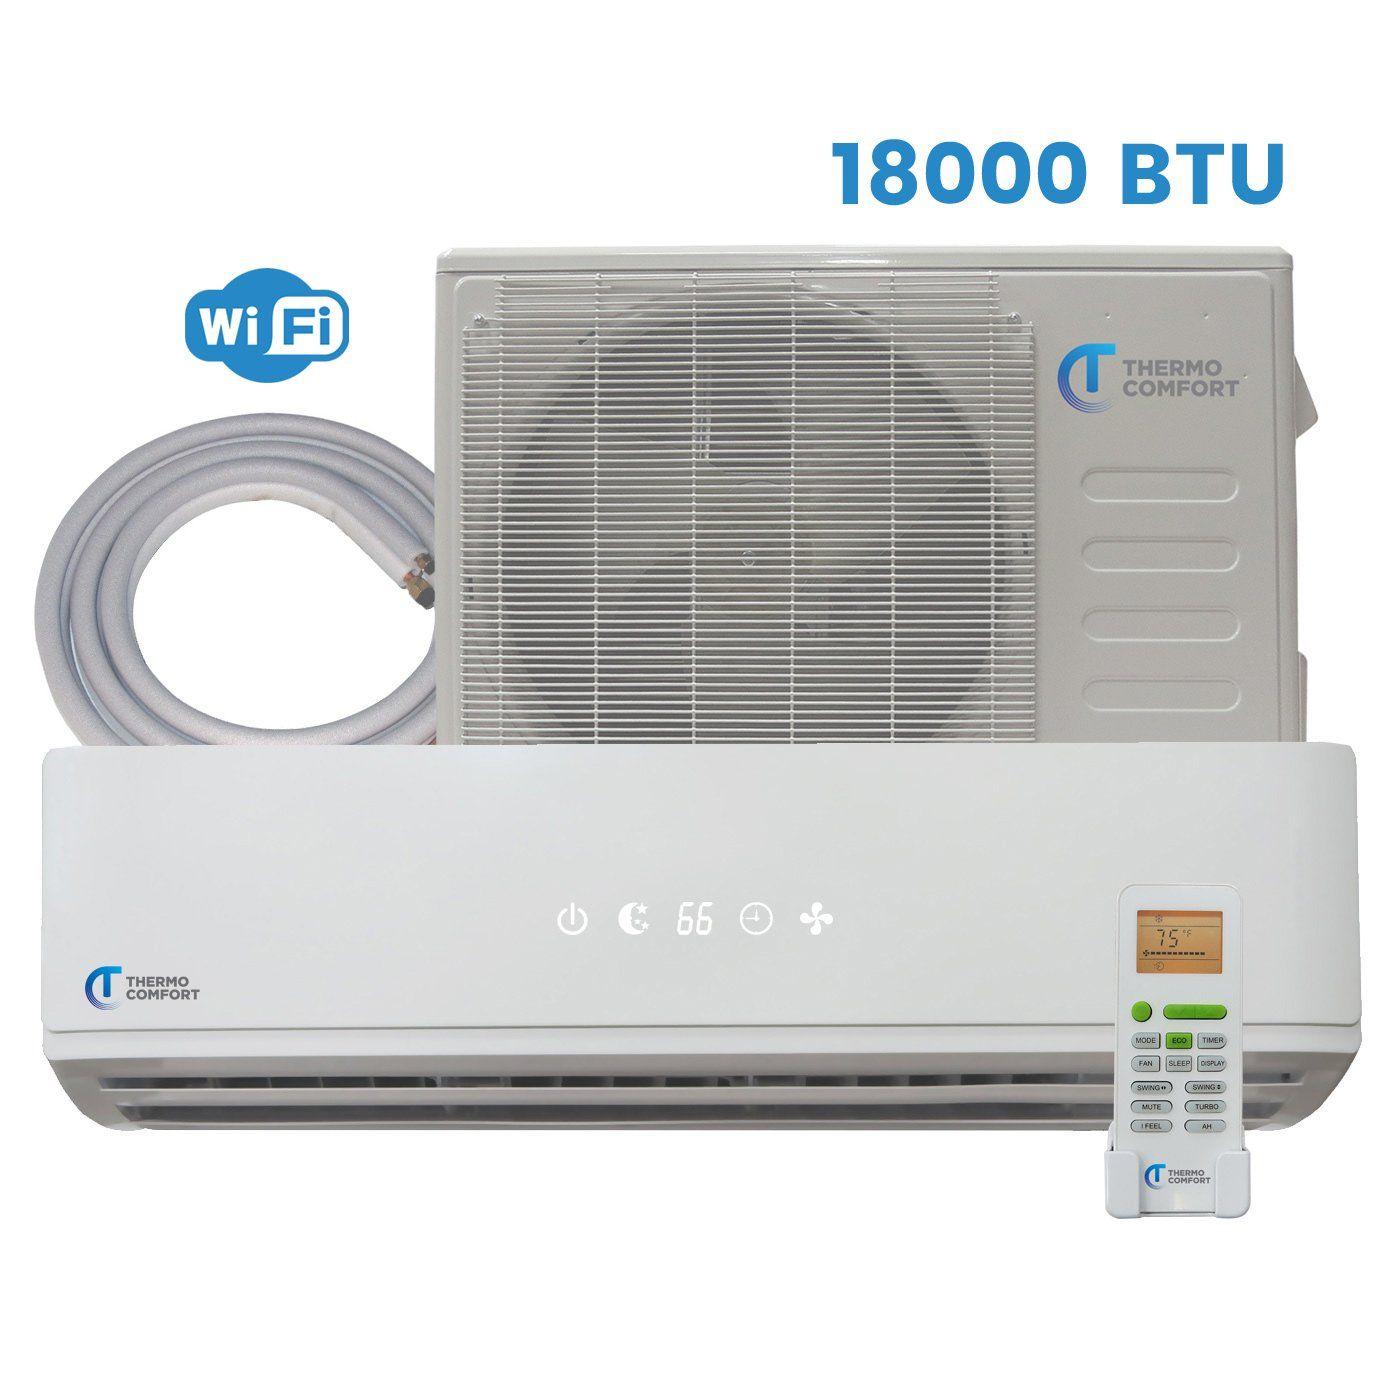 Mini Split Air Conditioner 18000 BTU 1.5 Ton 21.5 SEER